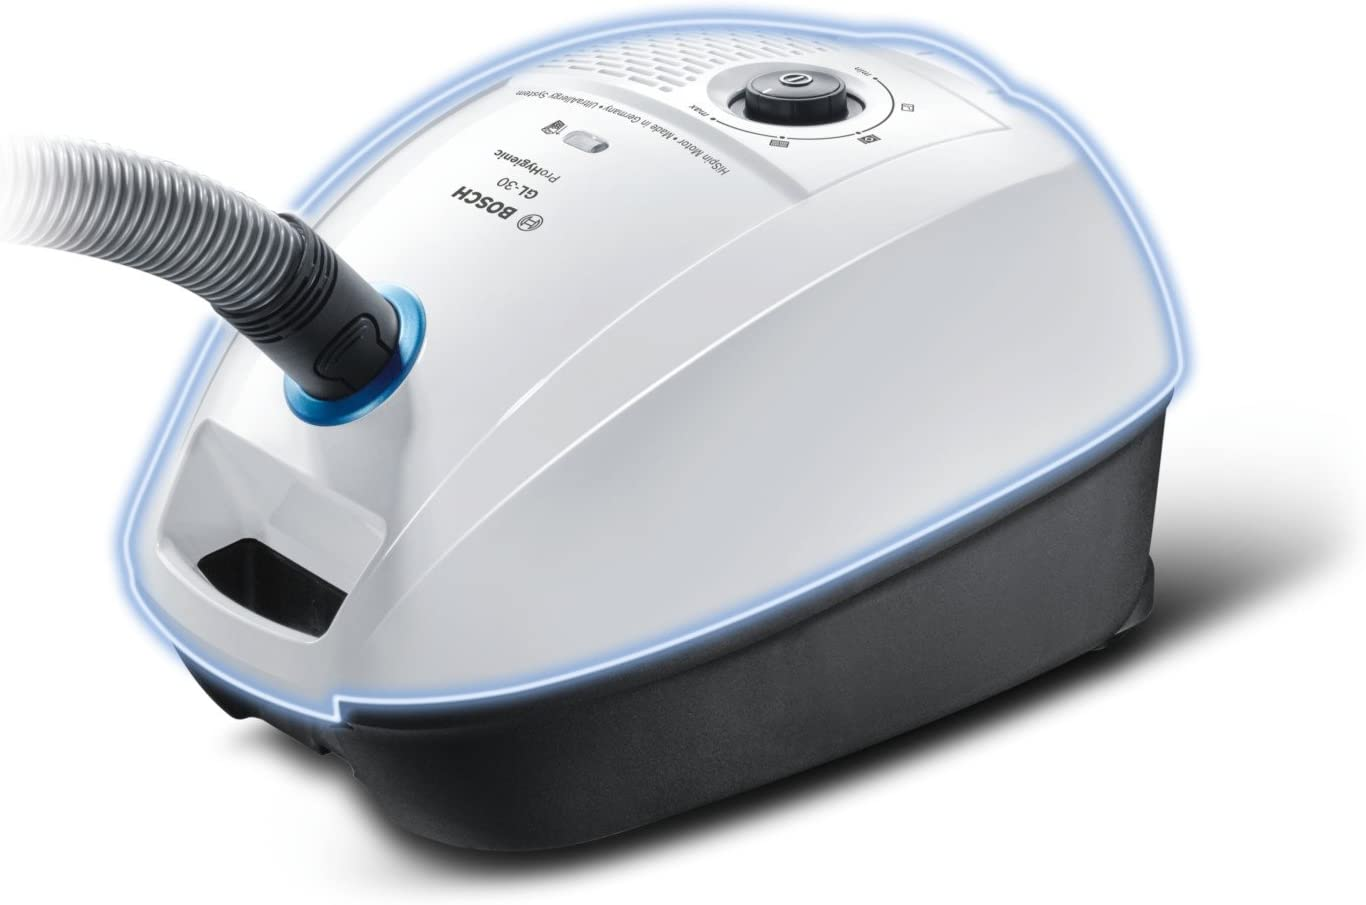 Bosch BGL3HYG ProHygienic Aspirador con bolsa, 600 W, capacidad de 4 litros, color blanco y azul: Amazon.es: Hogar